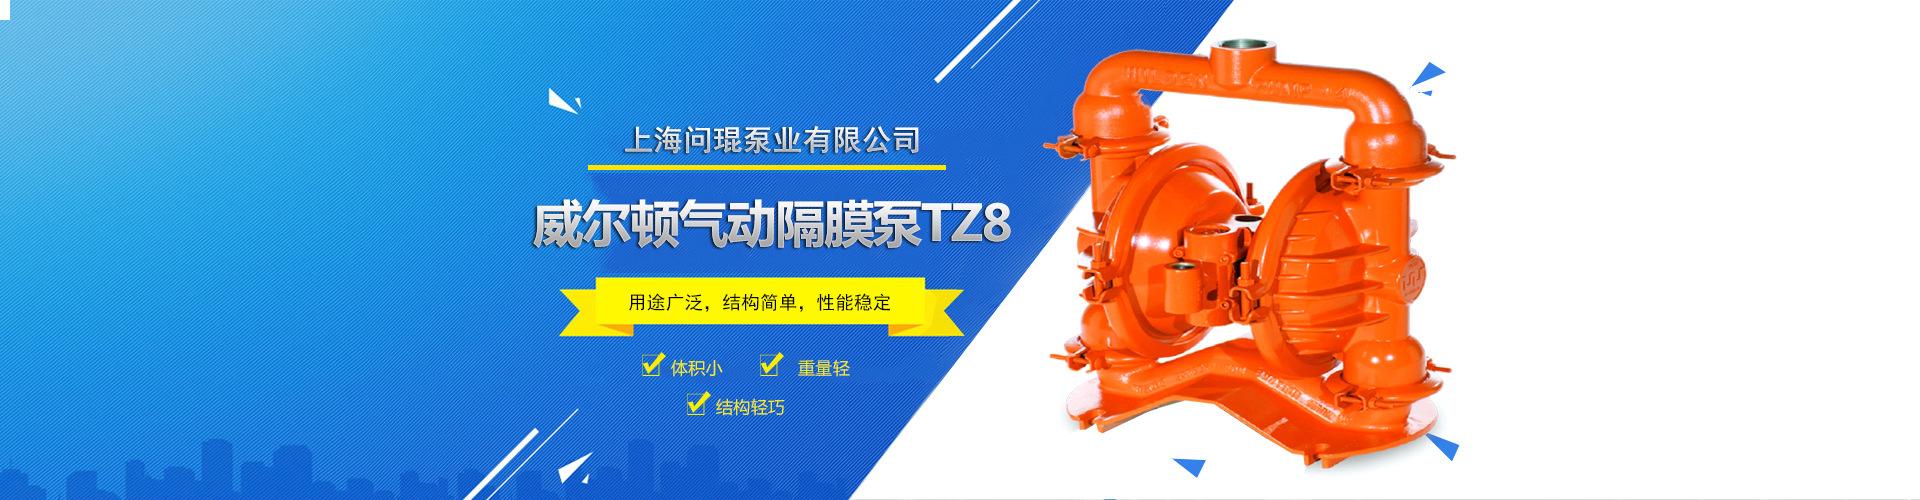 威尔顿气动隔膜泵TZ8